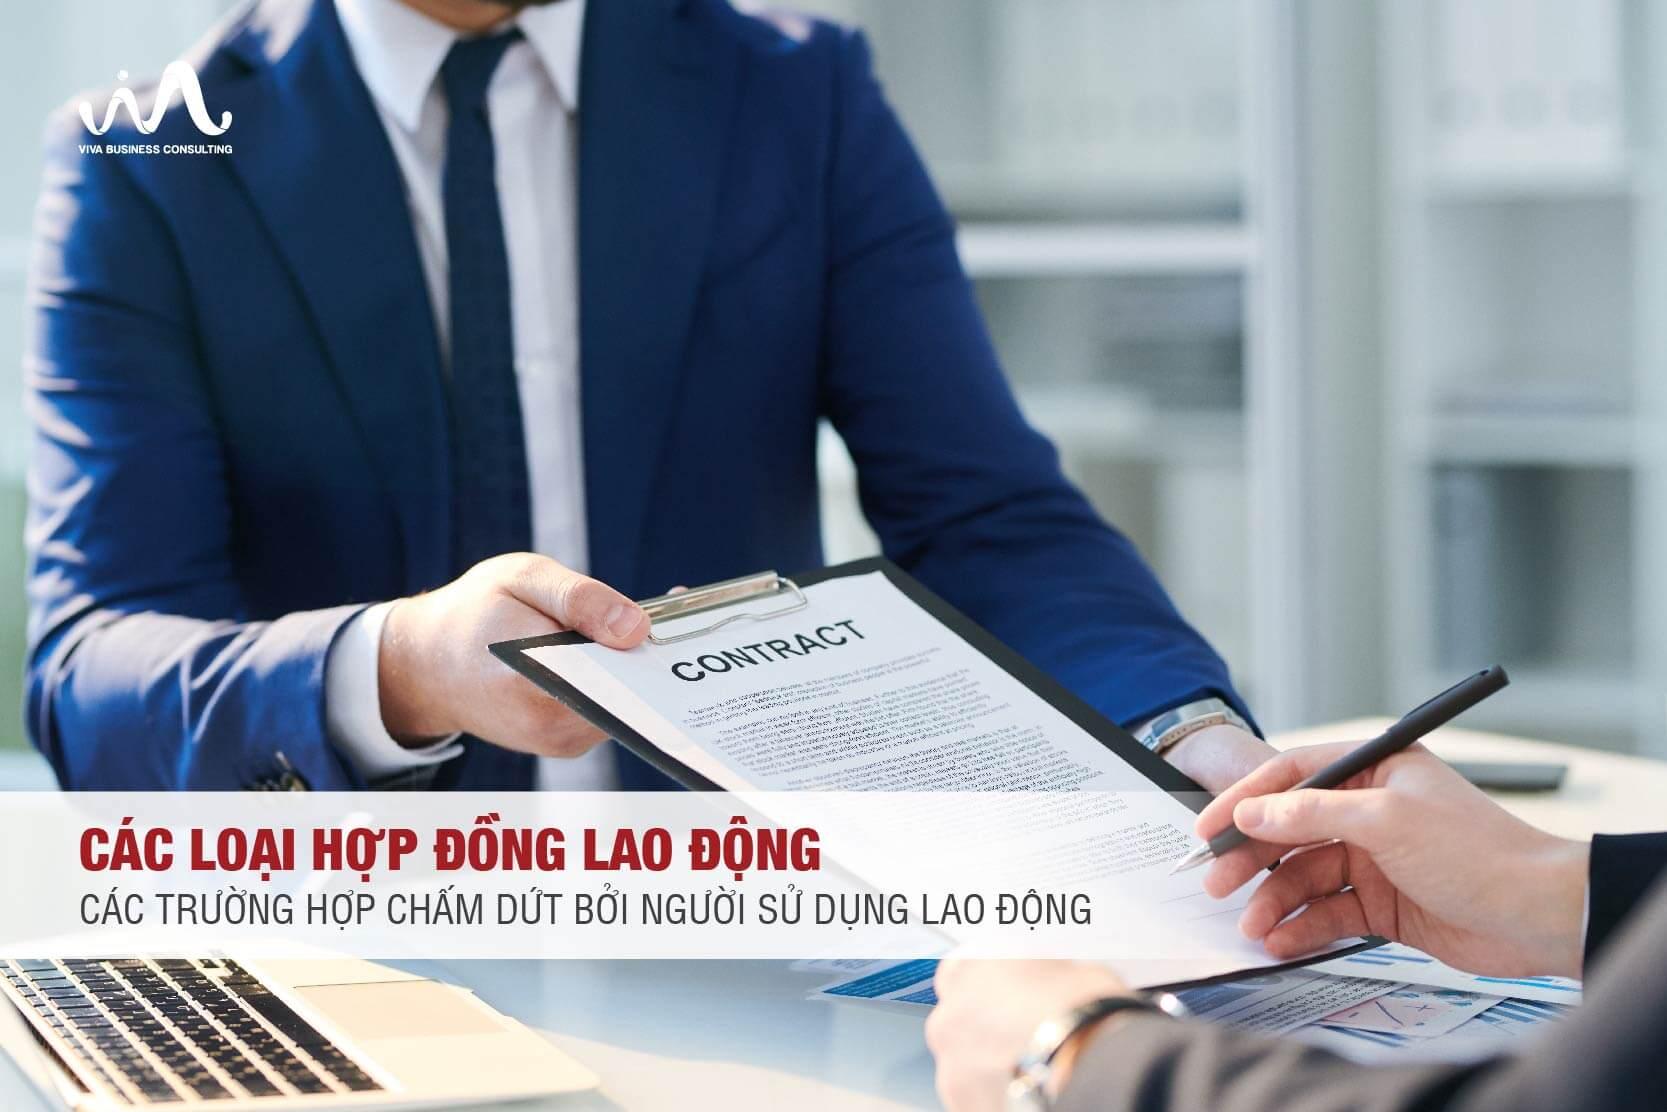 Các loại hợp đồng lao động tại Việt Nam